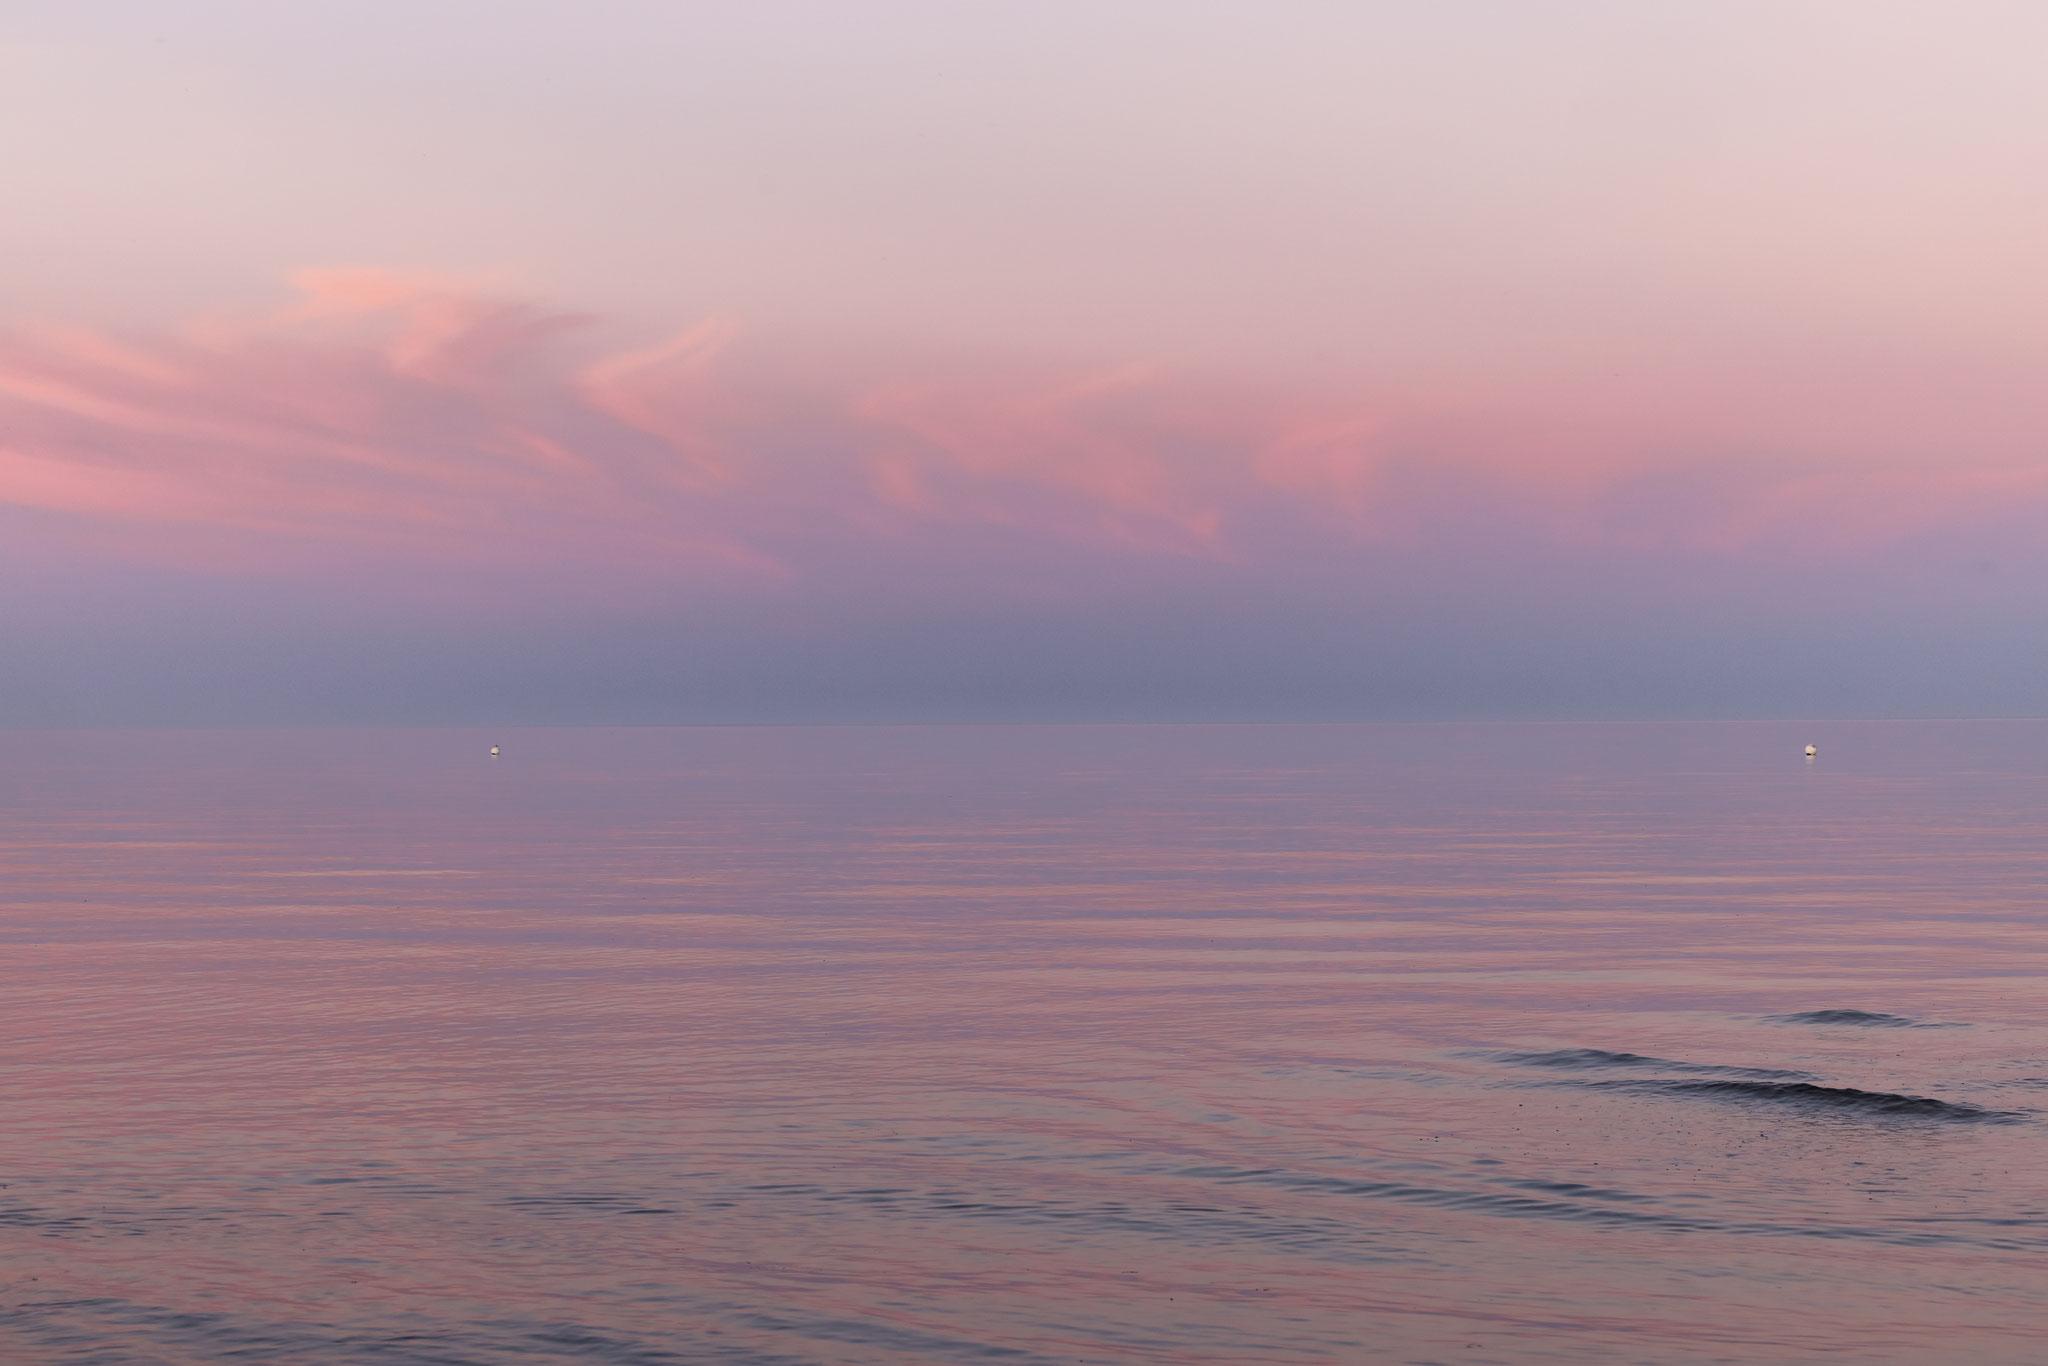 Abenddämmerung an der Ostsee